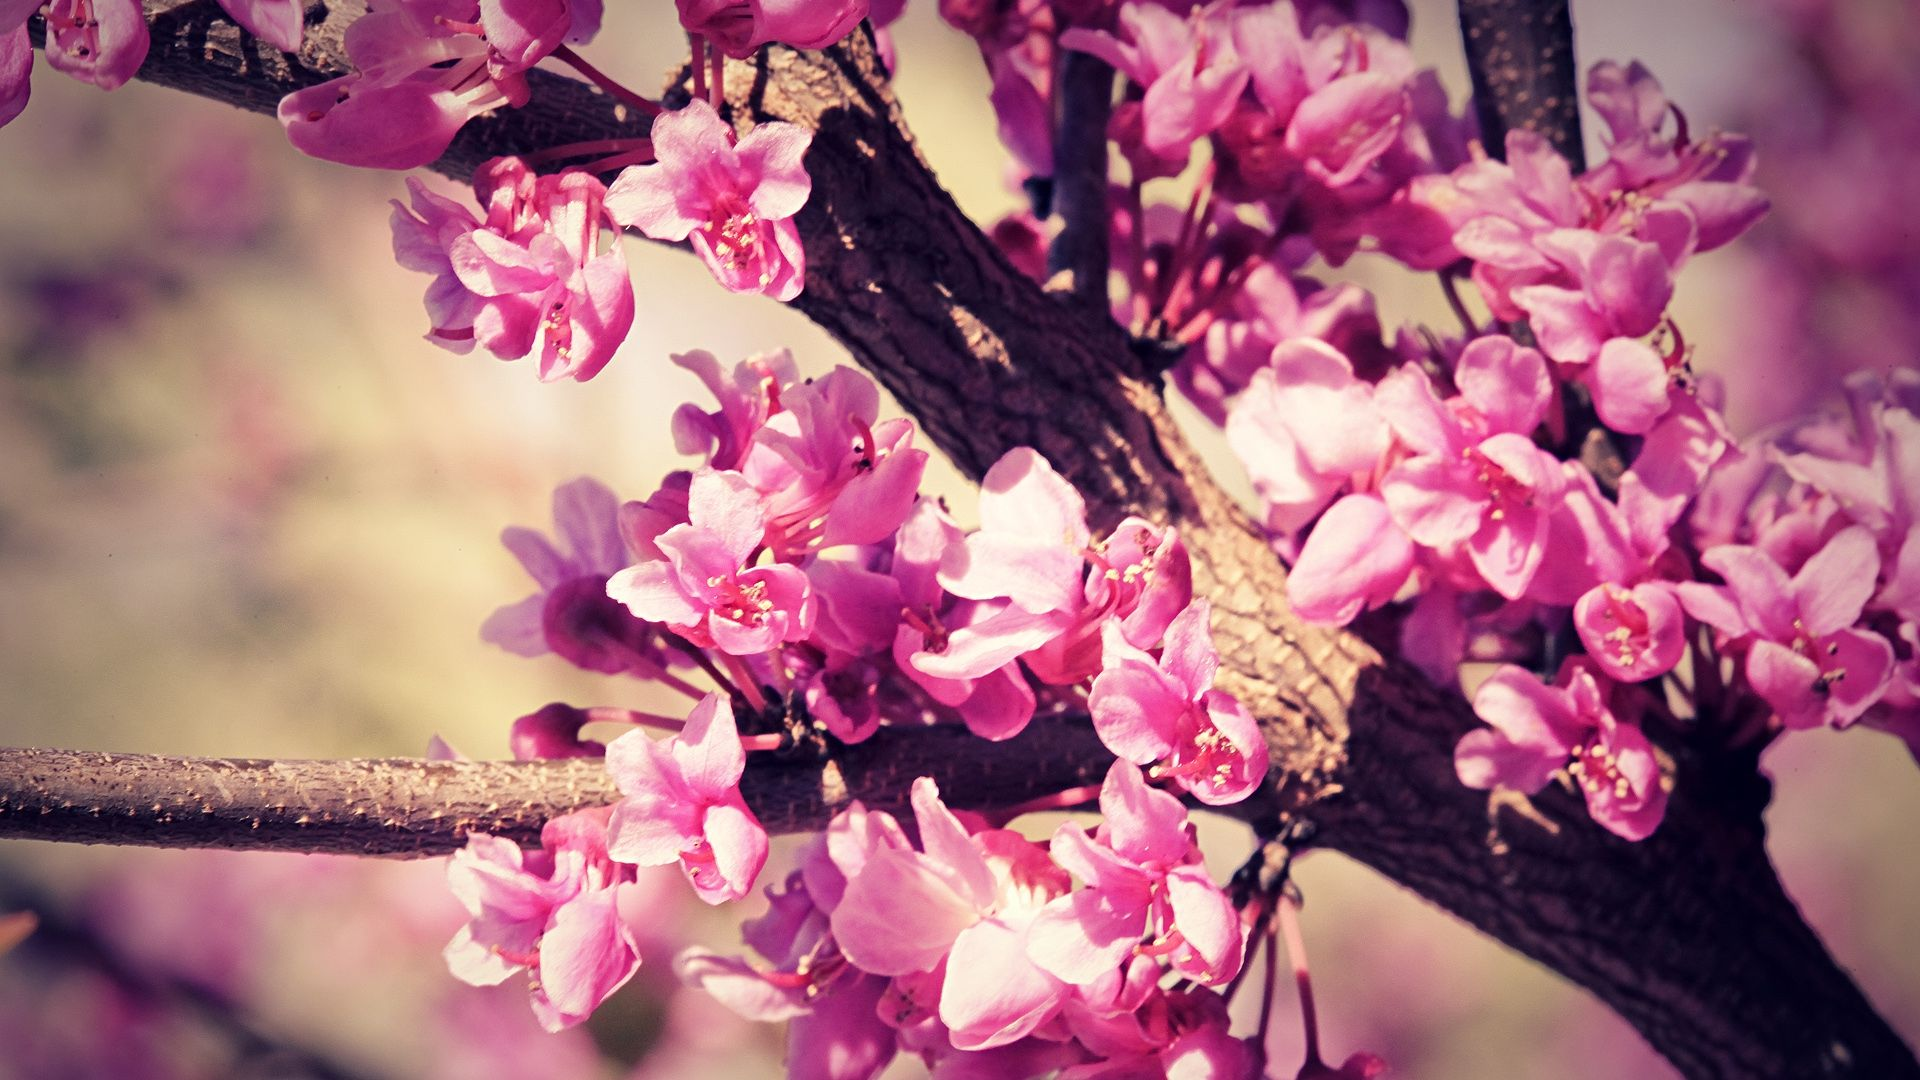 Flowers Wallpaper Tumblr Wallpapers Pinterest Girly Wallpaper